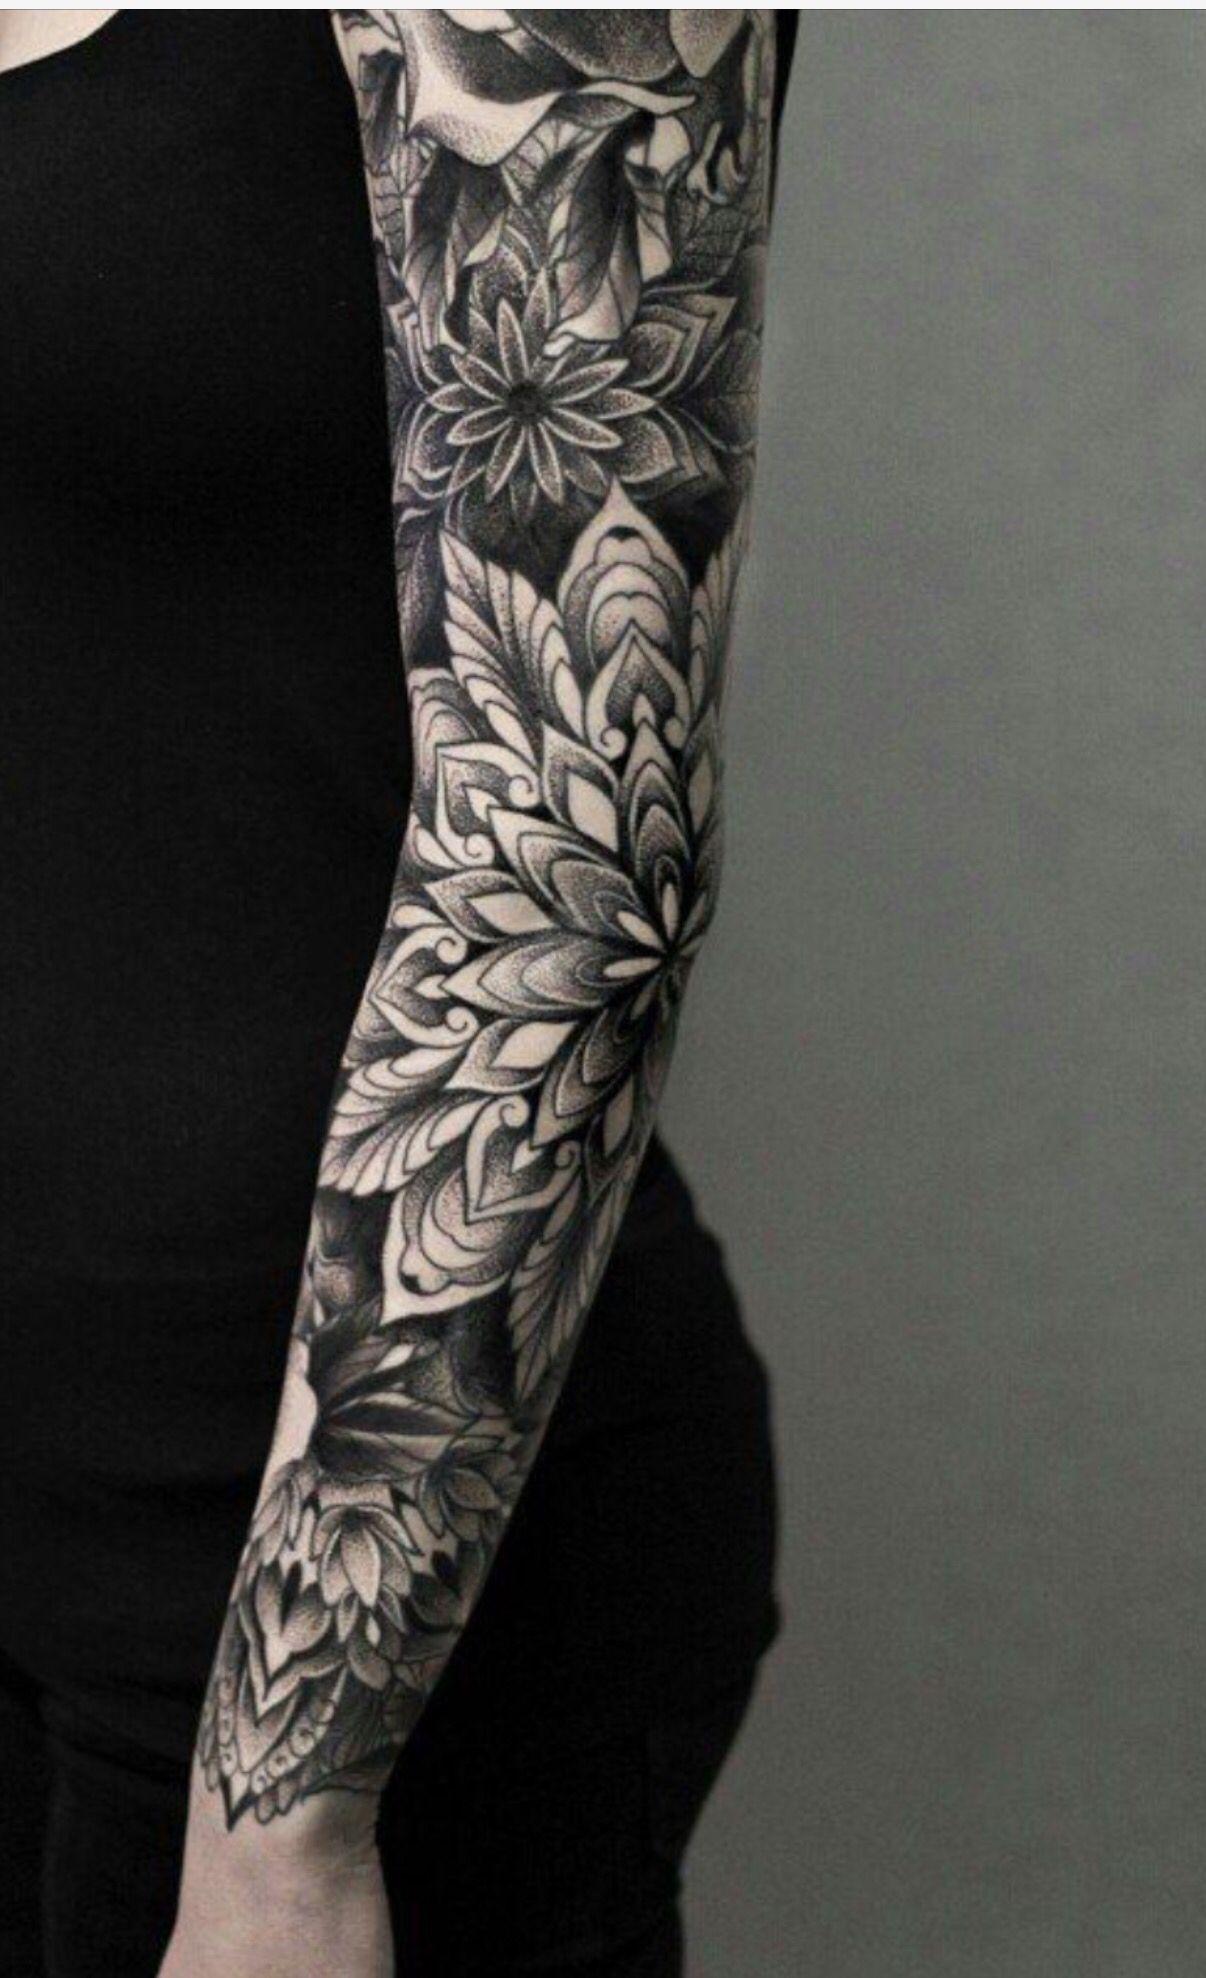 Pin De Ariana Vargas En Tatuajes Ideas Tatuajes border=